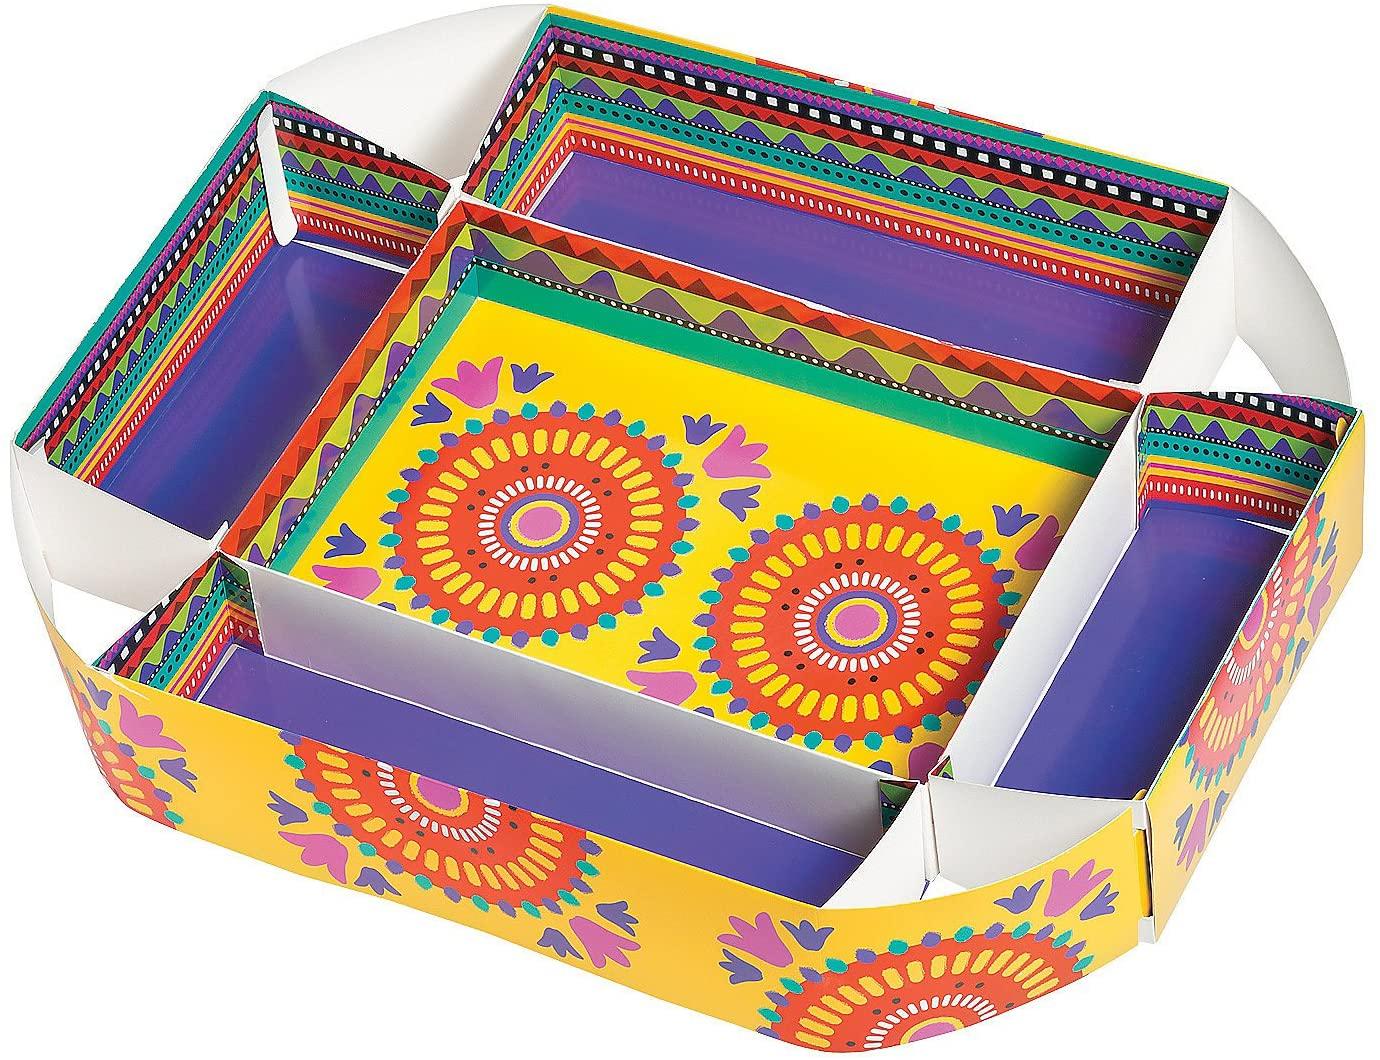 Fun Express - Fiesta Cardboard Snack Tray for Cinco de Mayo - Party Supplies - Serveware & Barware - Serving Platters - Cinco de Mayo - 1 Piece